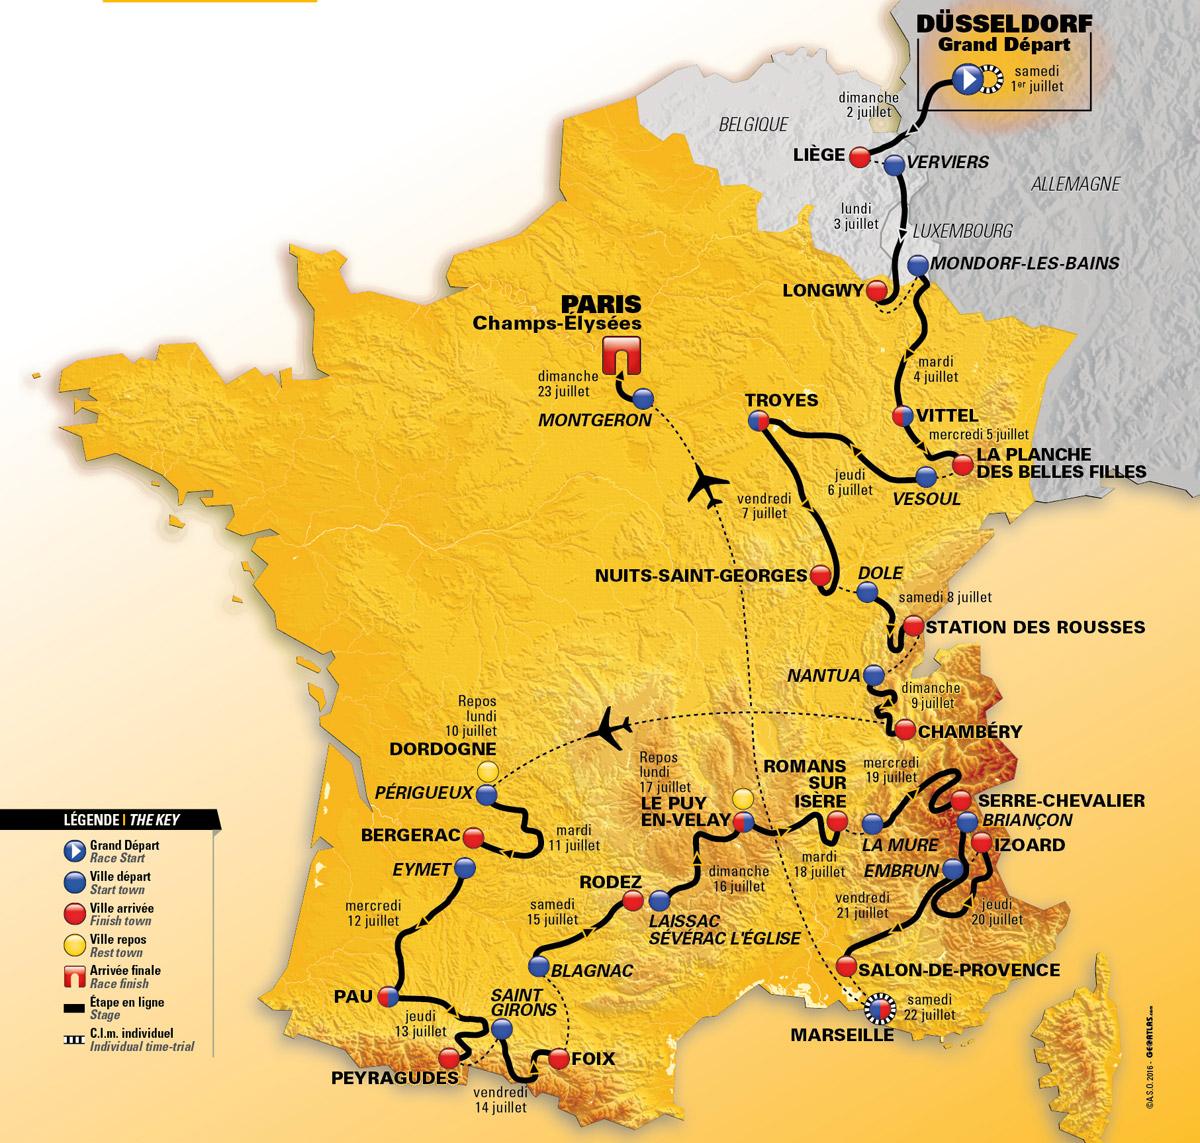 Tour De France 2017 Das Ist Die Strecke Der 104 Frankreich